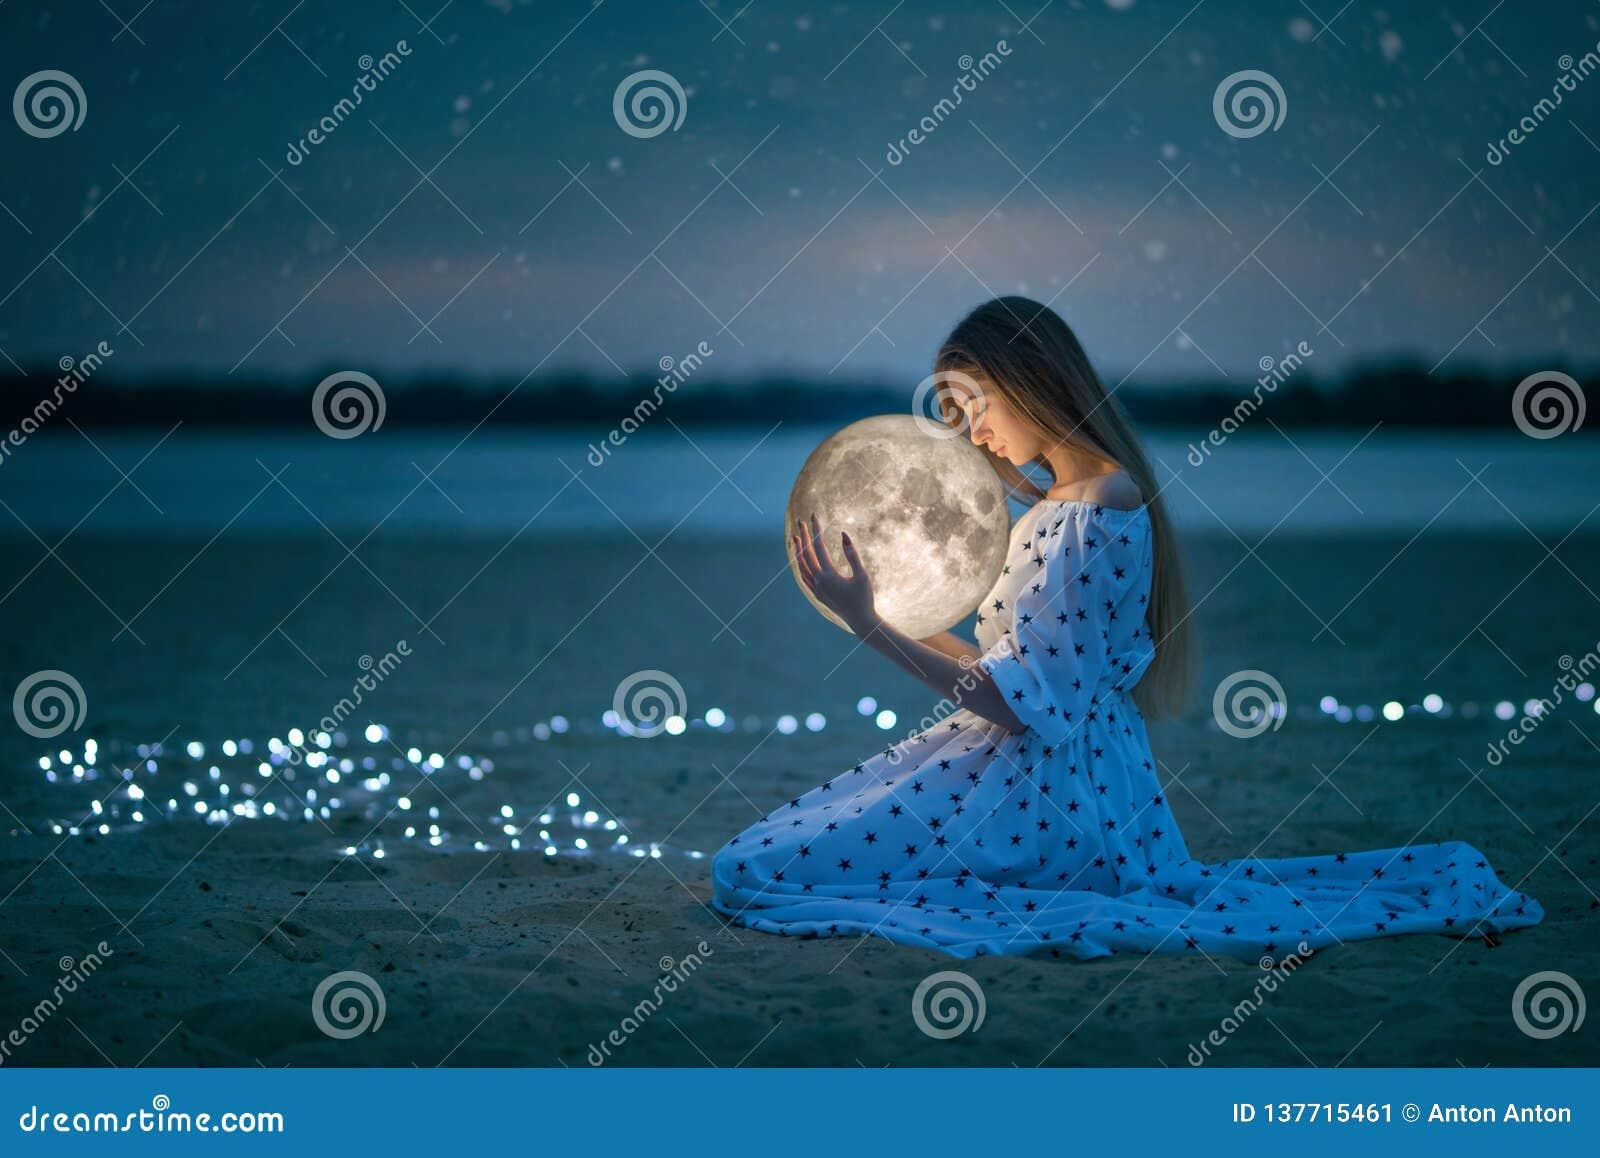 Το όμορφο ελκυστικό κορίτσι σε μια παραλία νύχτας με την άμμο και τα αστέρια αγκαλιάζει το φεγγάρι, καλλιτεχνική φωτογραφία